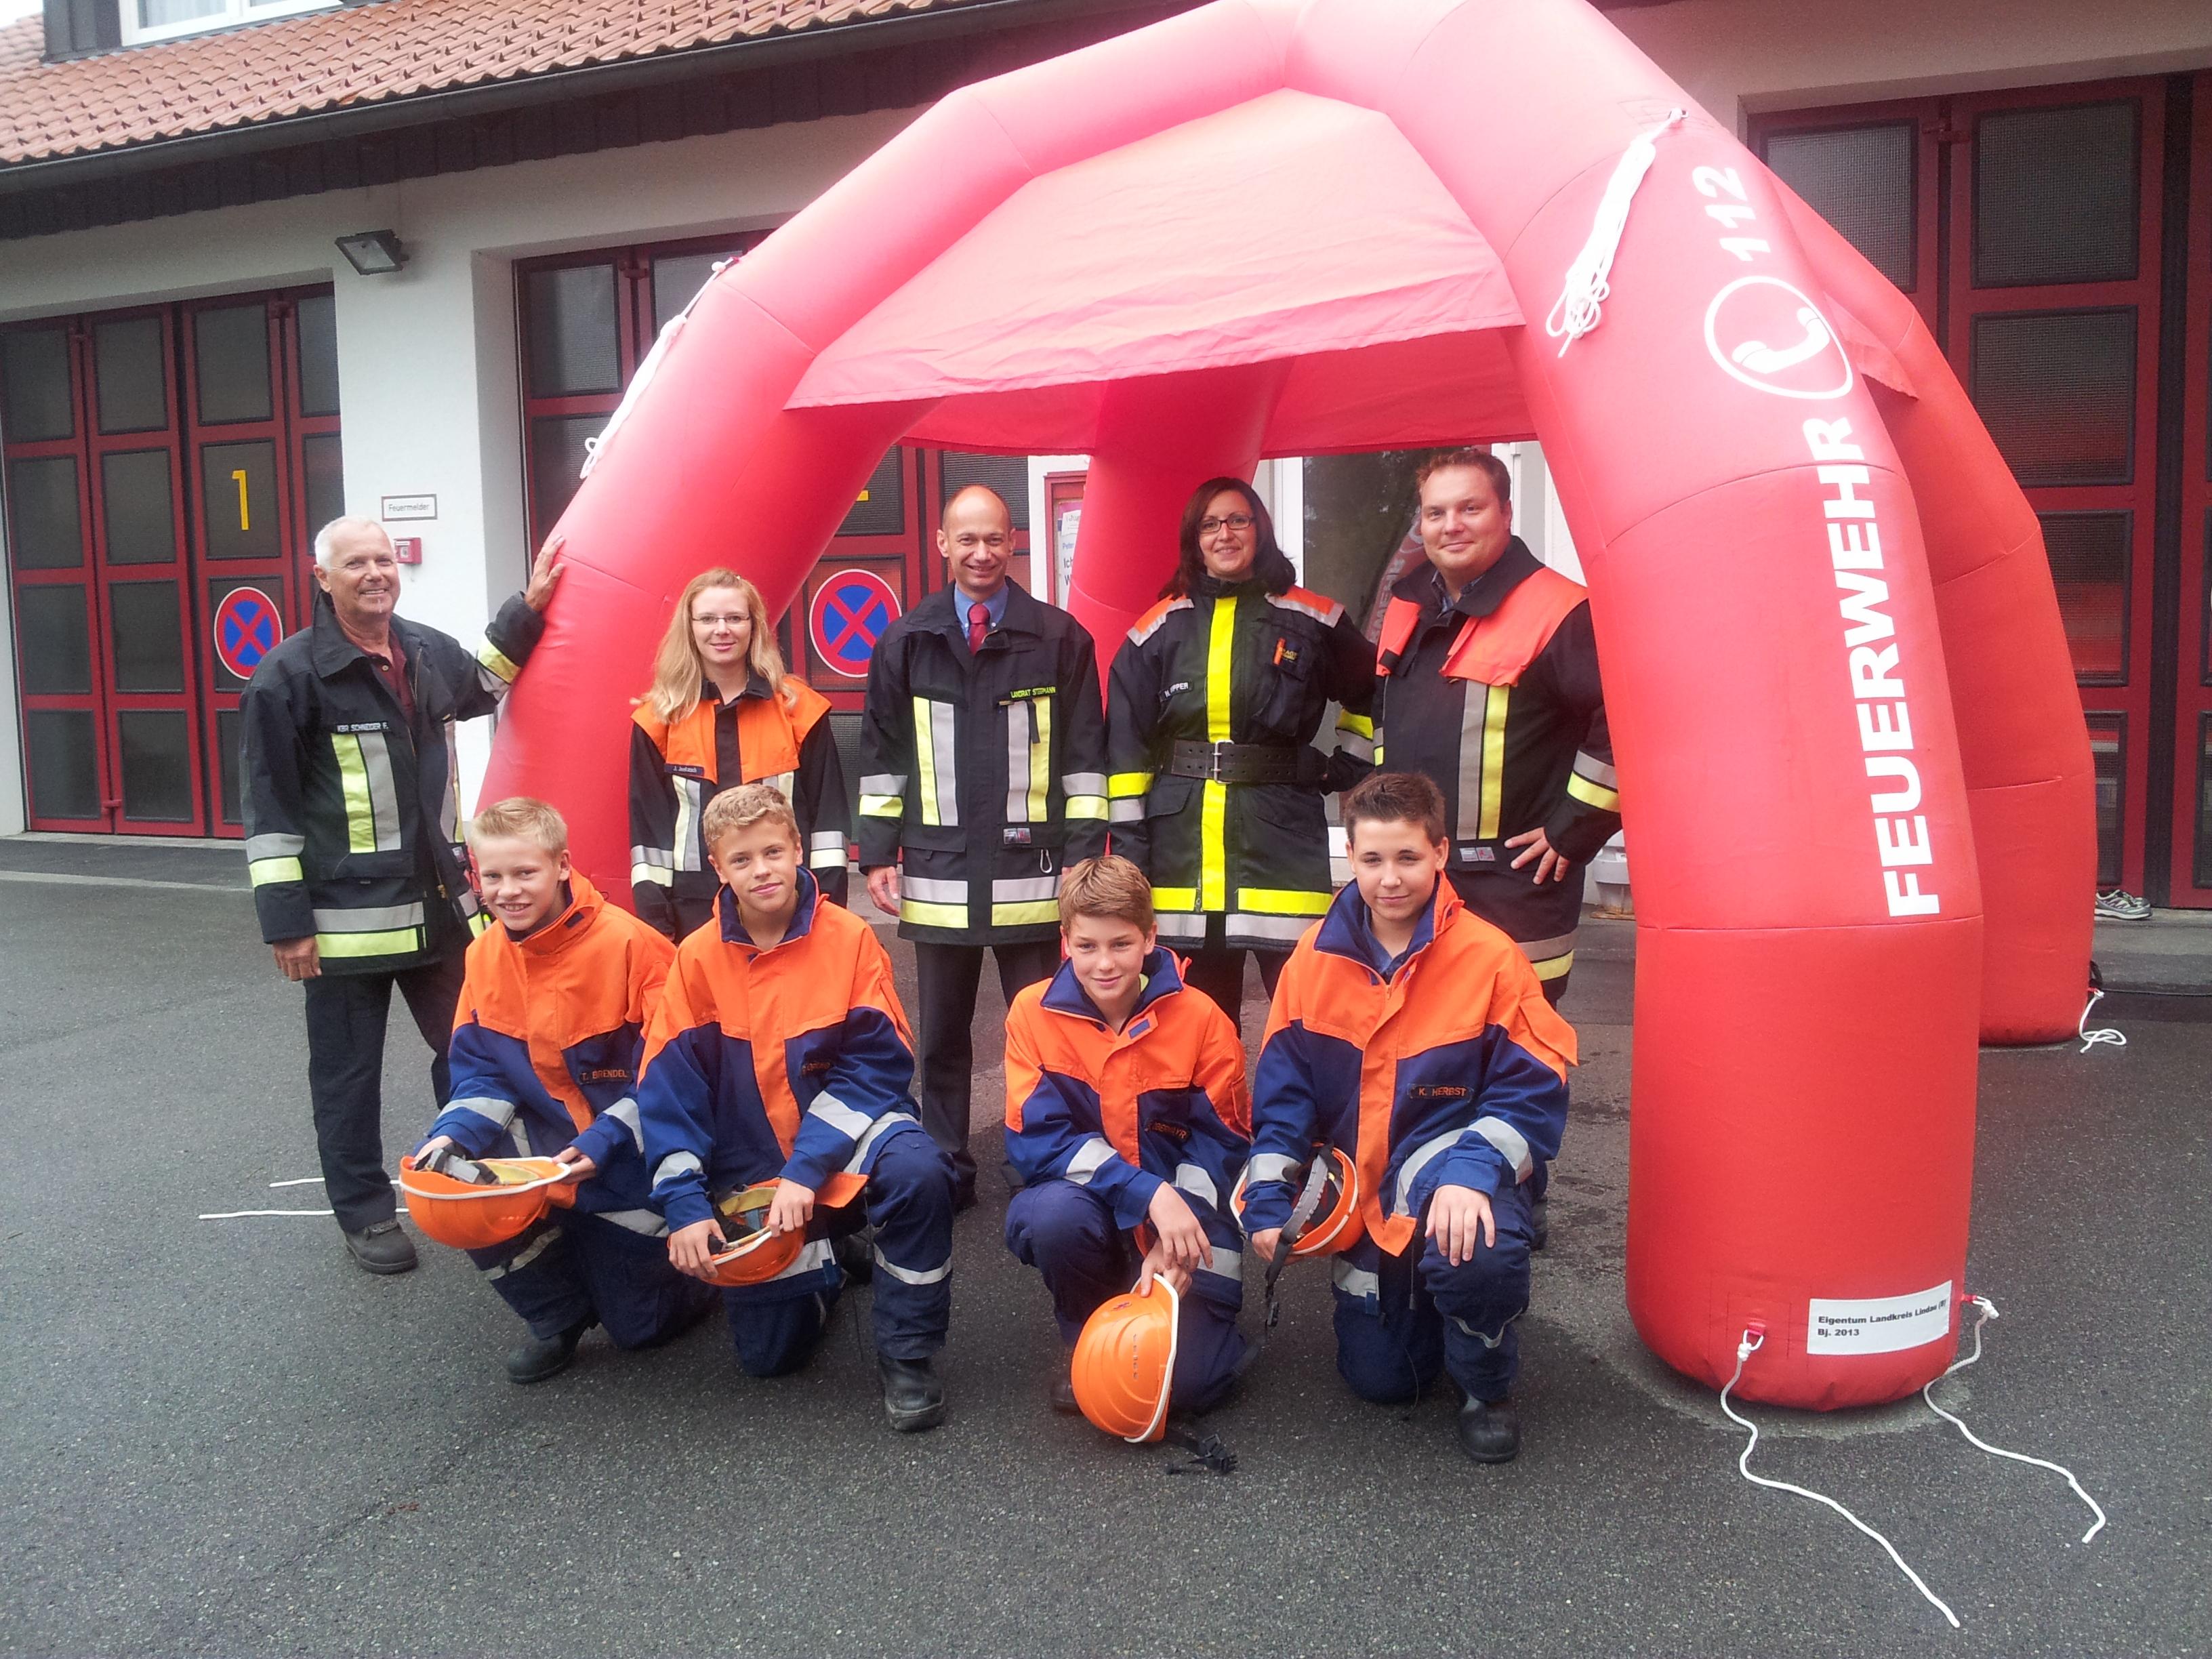 Feuerrotes Zelt wirbt für Feuerwehrdienst